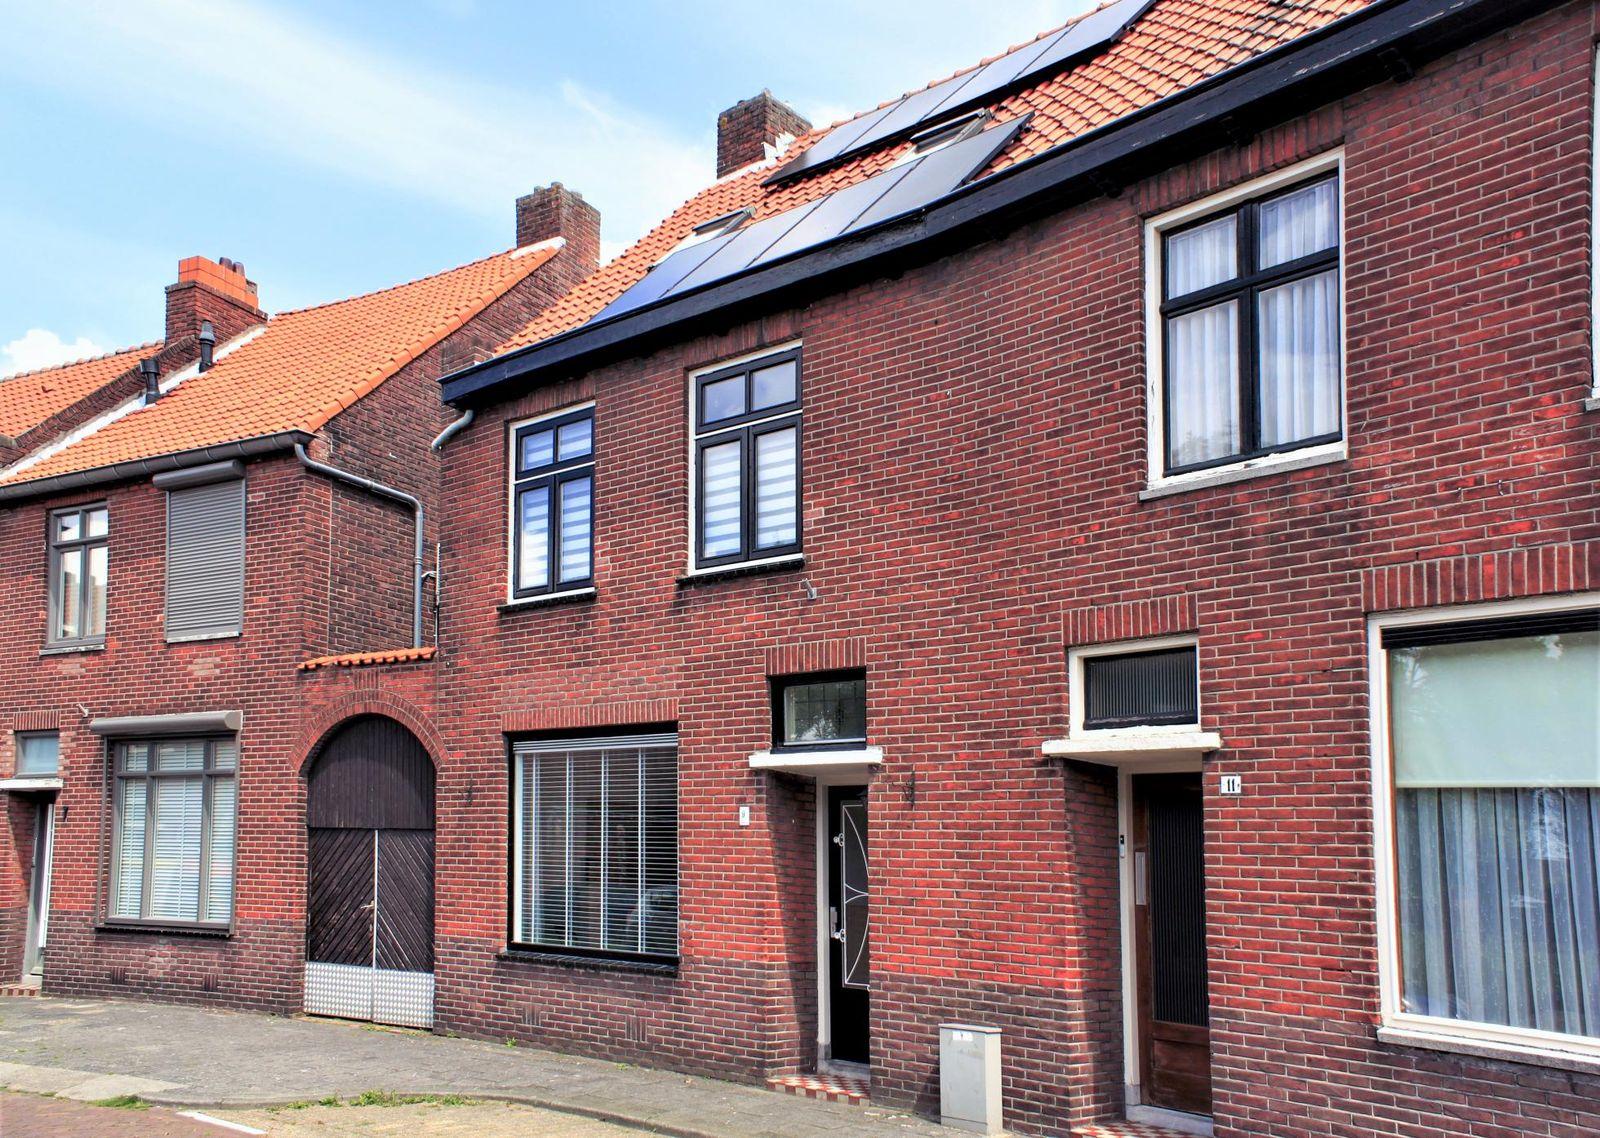 Charitasstraat 9, Roosendaal